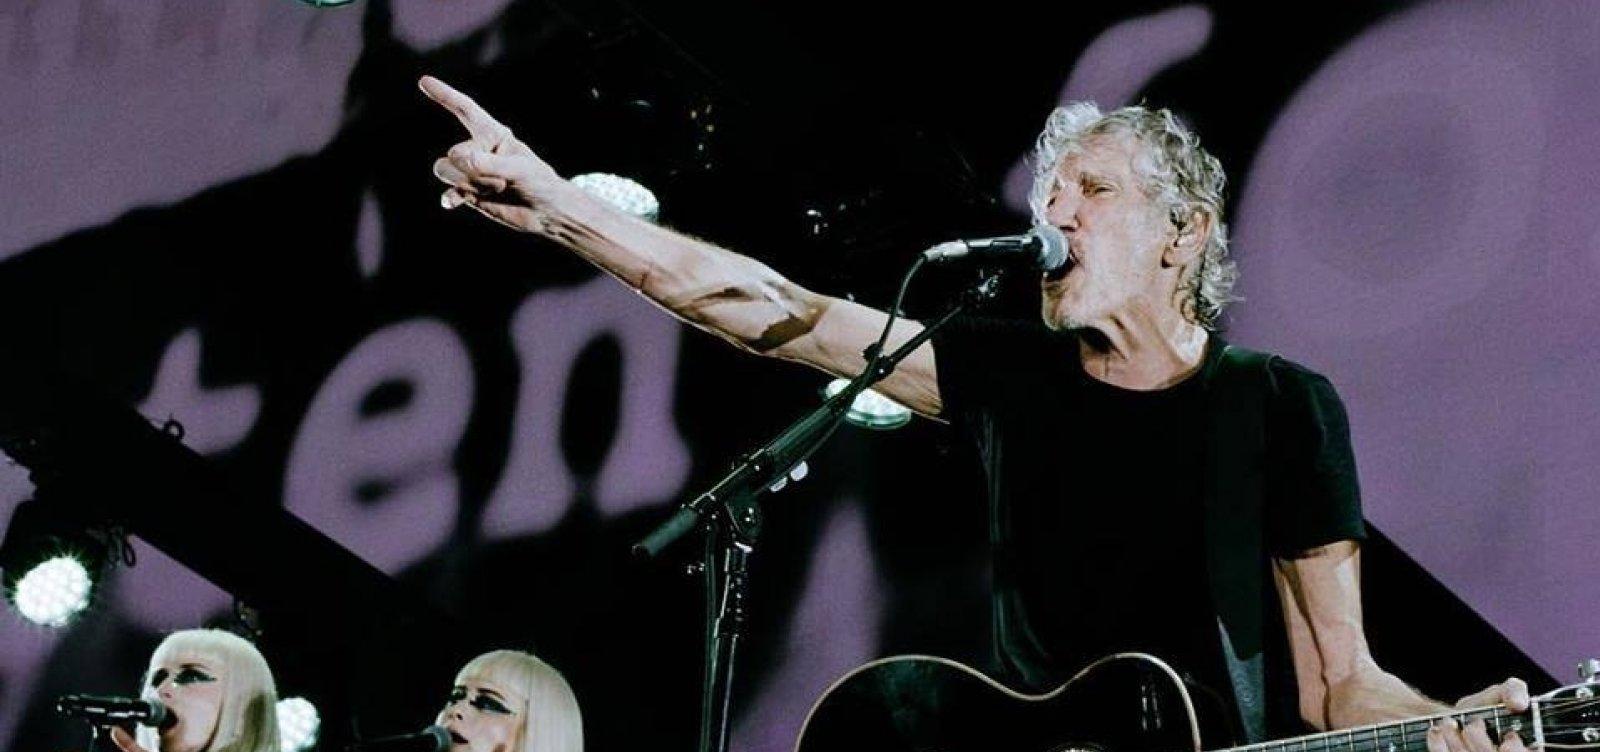 [TSE autoriza inquérito contra Haddad por shows de Roger Waters]